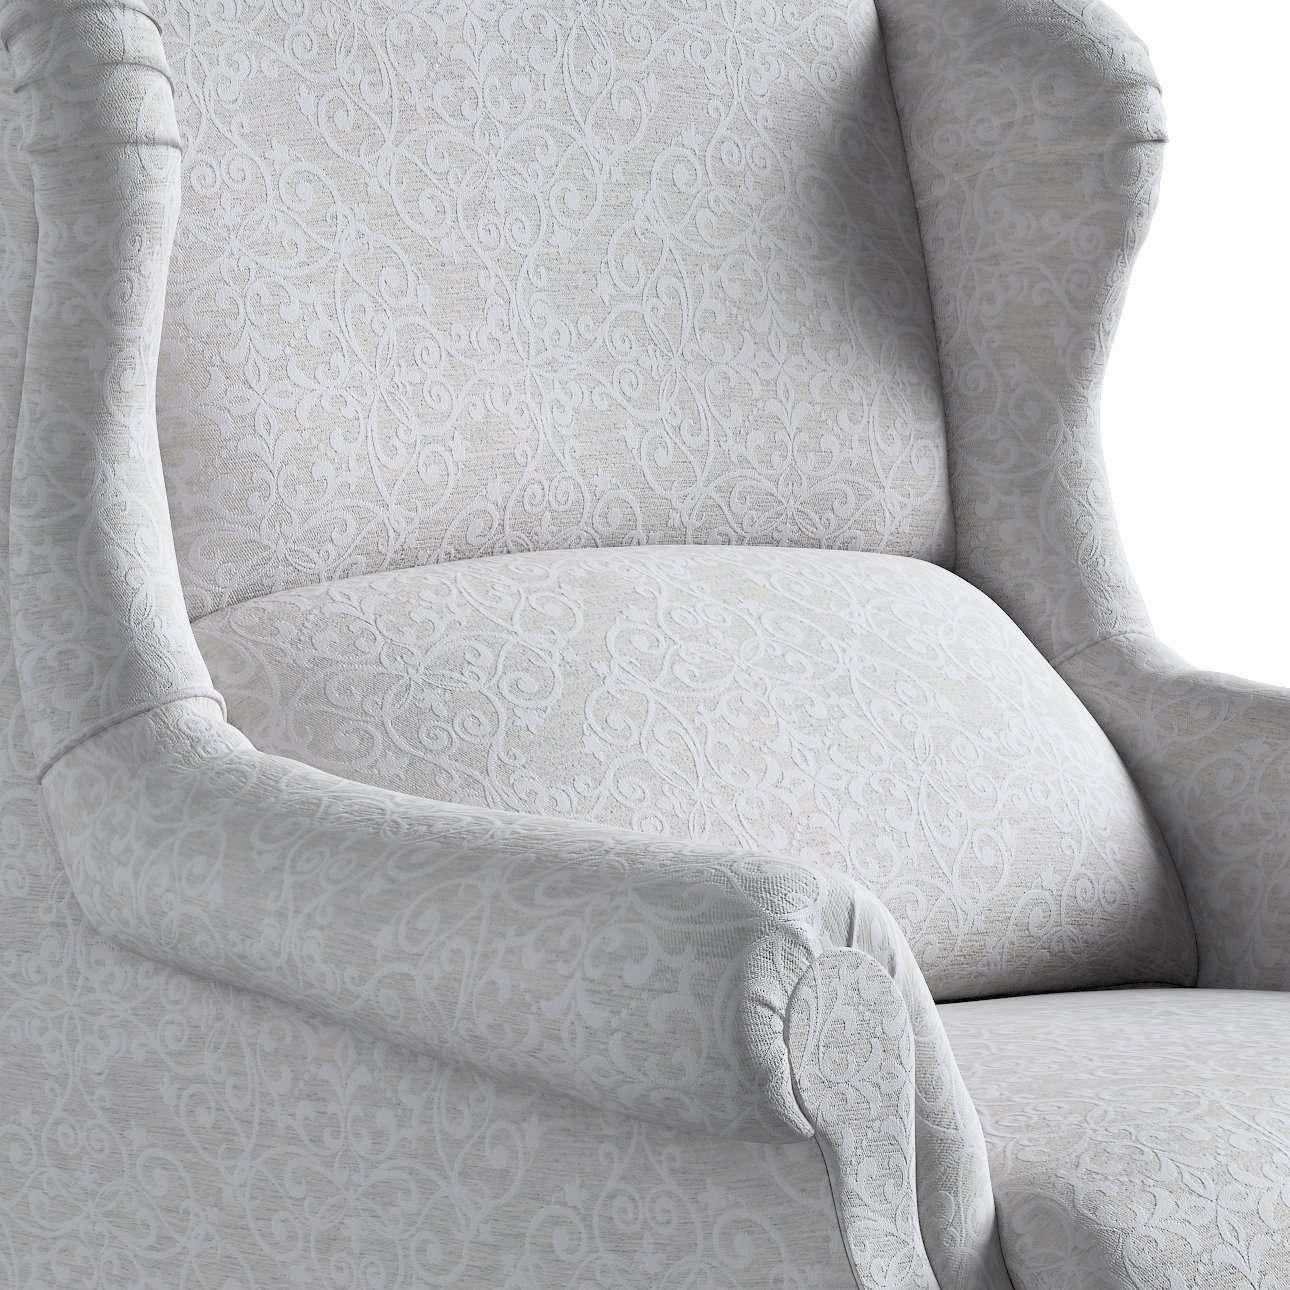 Sessel 63 x 115 cm von der Kollektion Venice, Stoff: 140-49